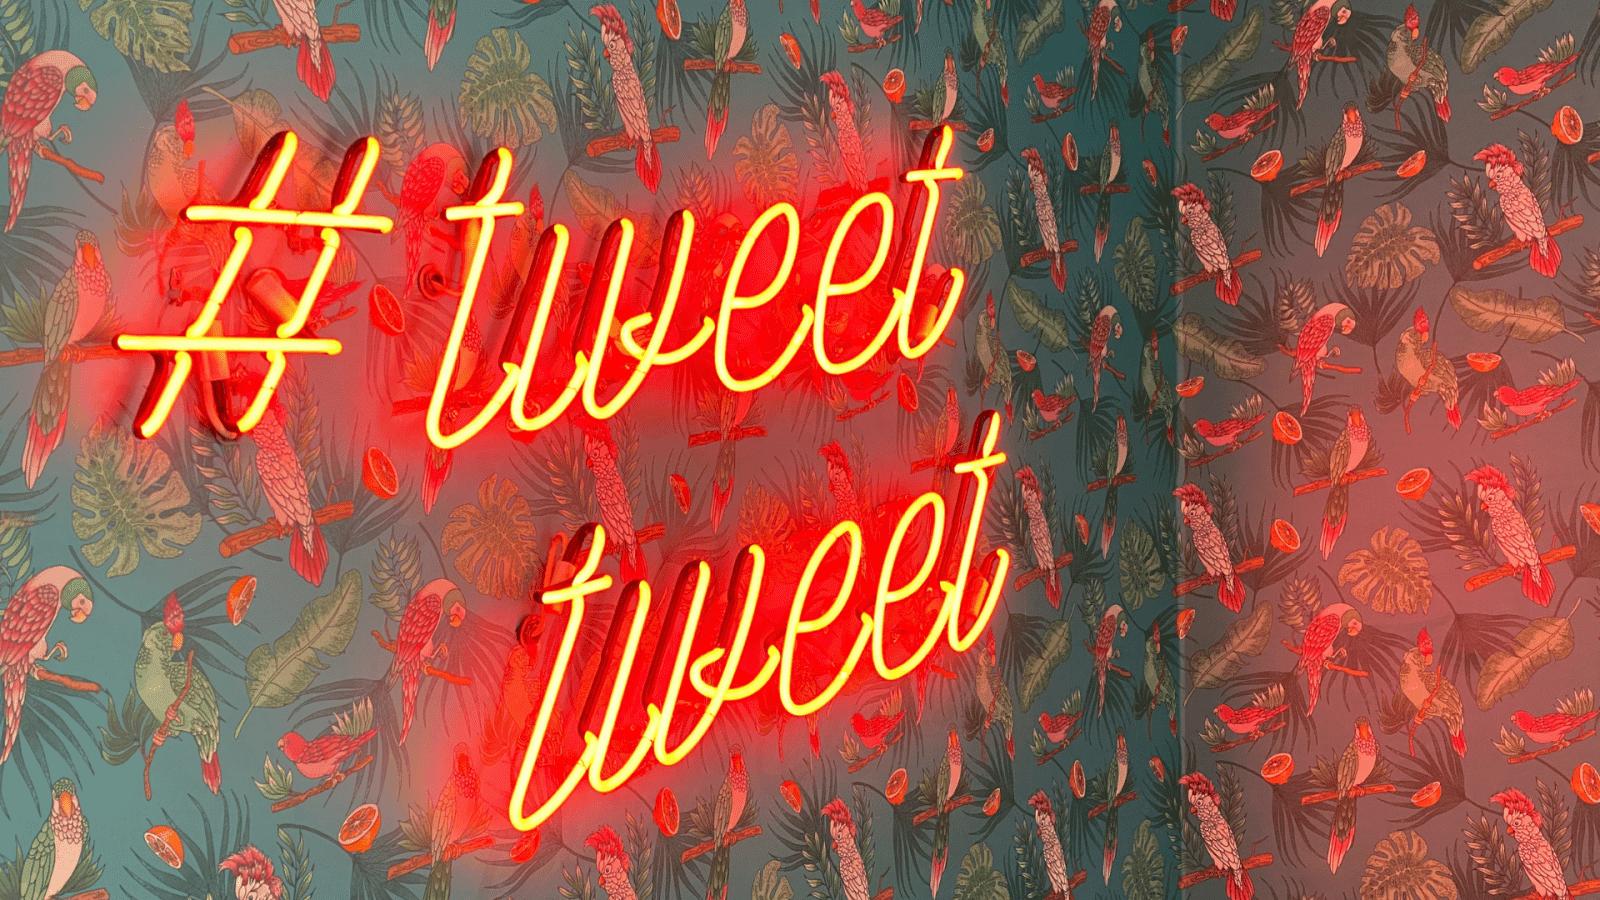 light up sign saying hashtag tweet tweet